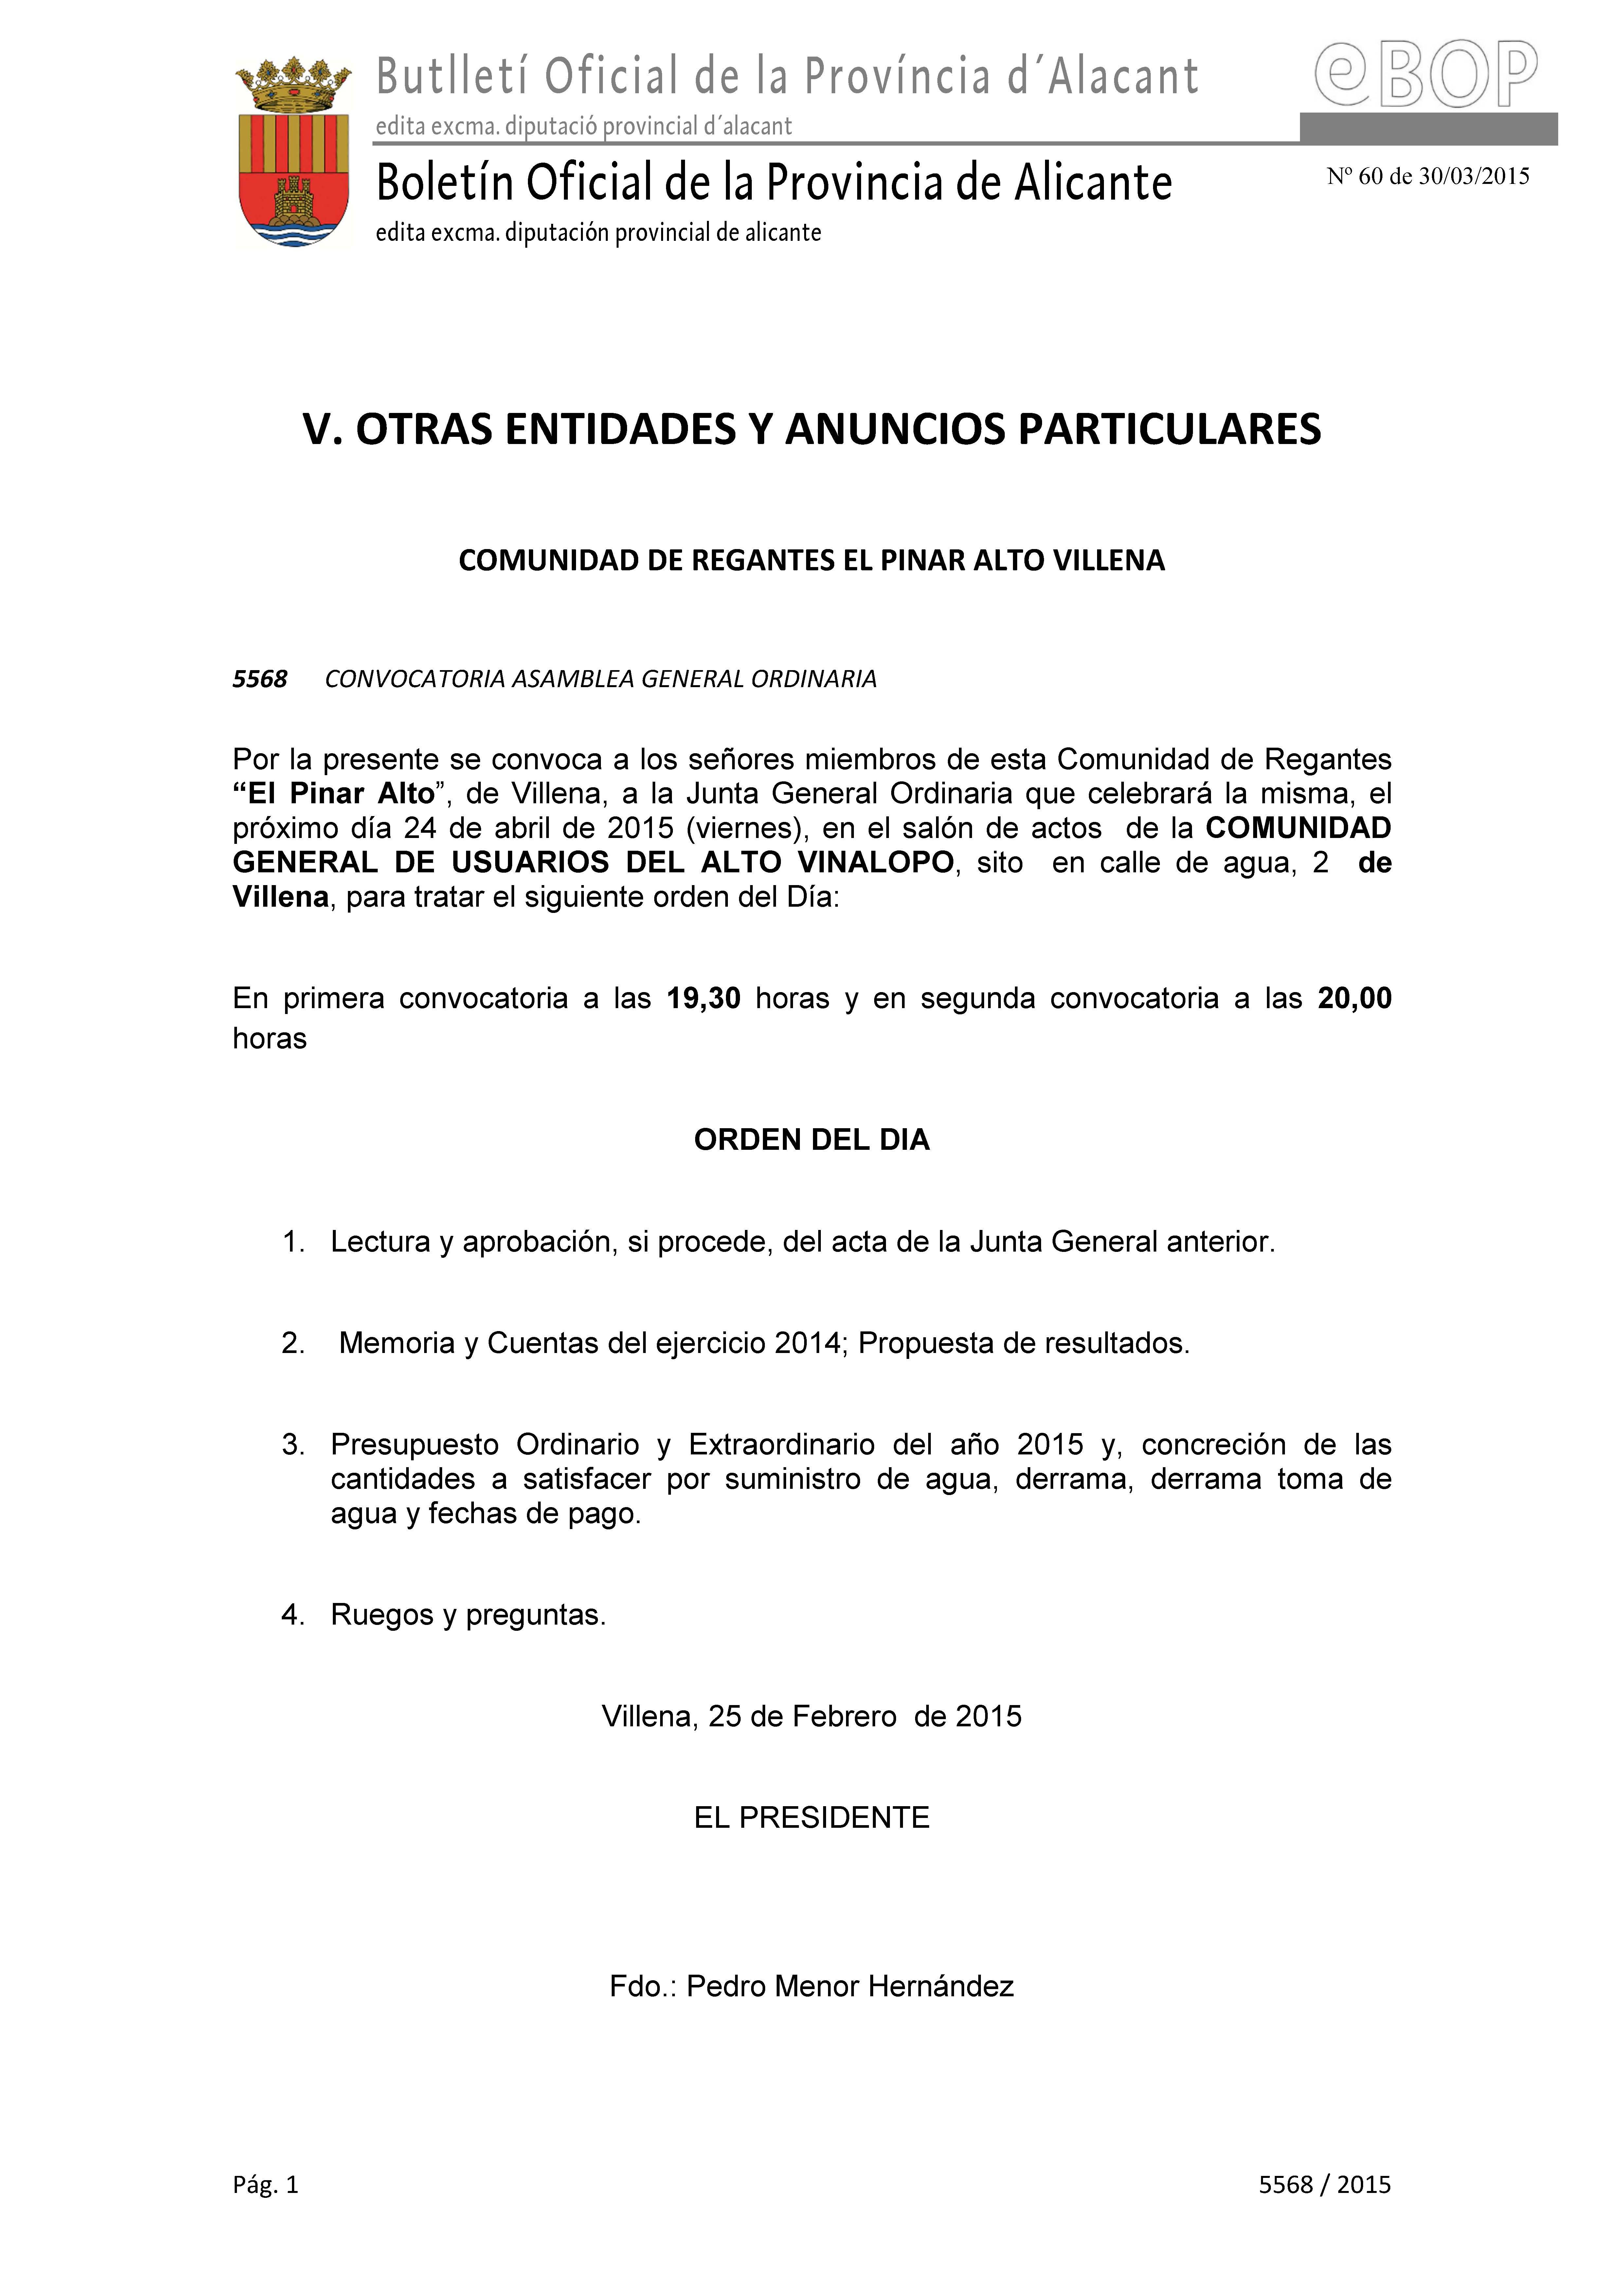 Convocatoria Junta General 24/04/2015